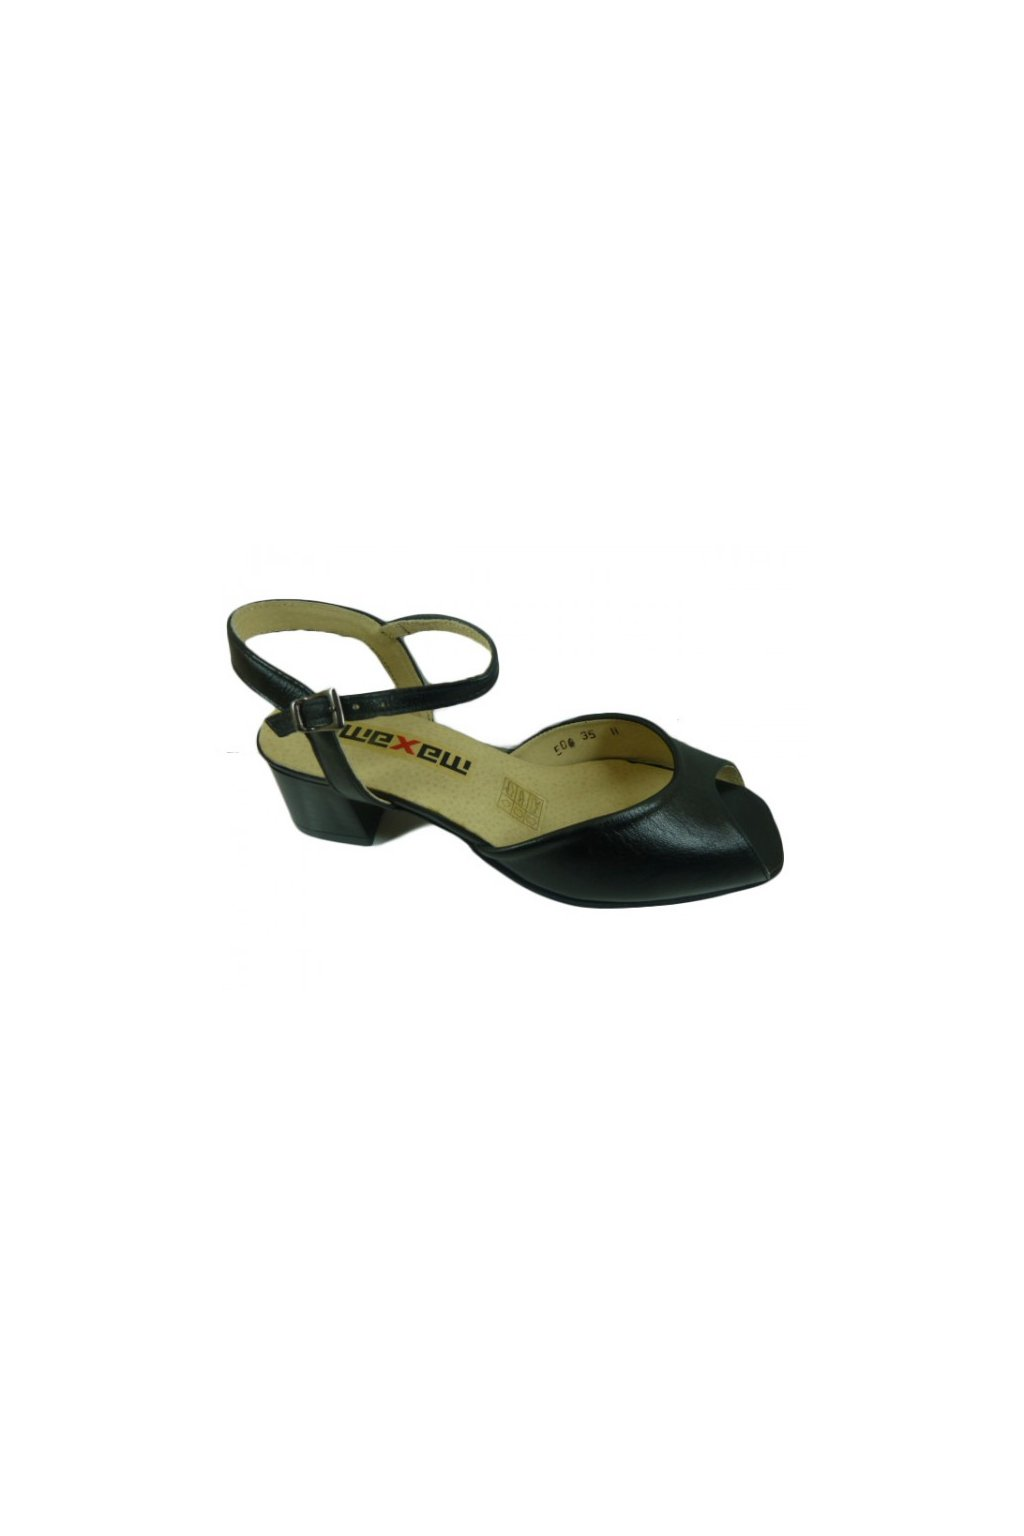 Podměrná dámská obuv Maxam .506 černá